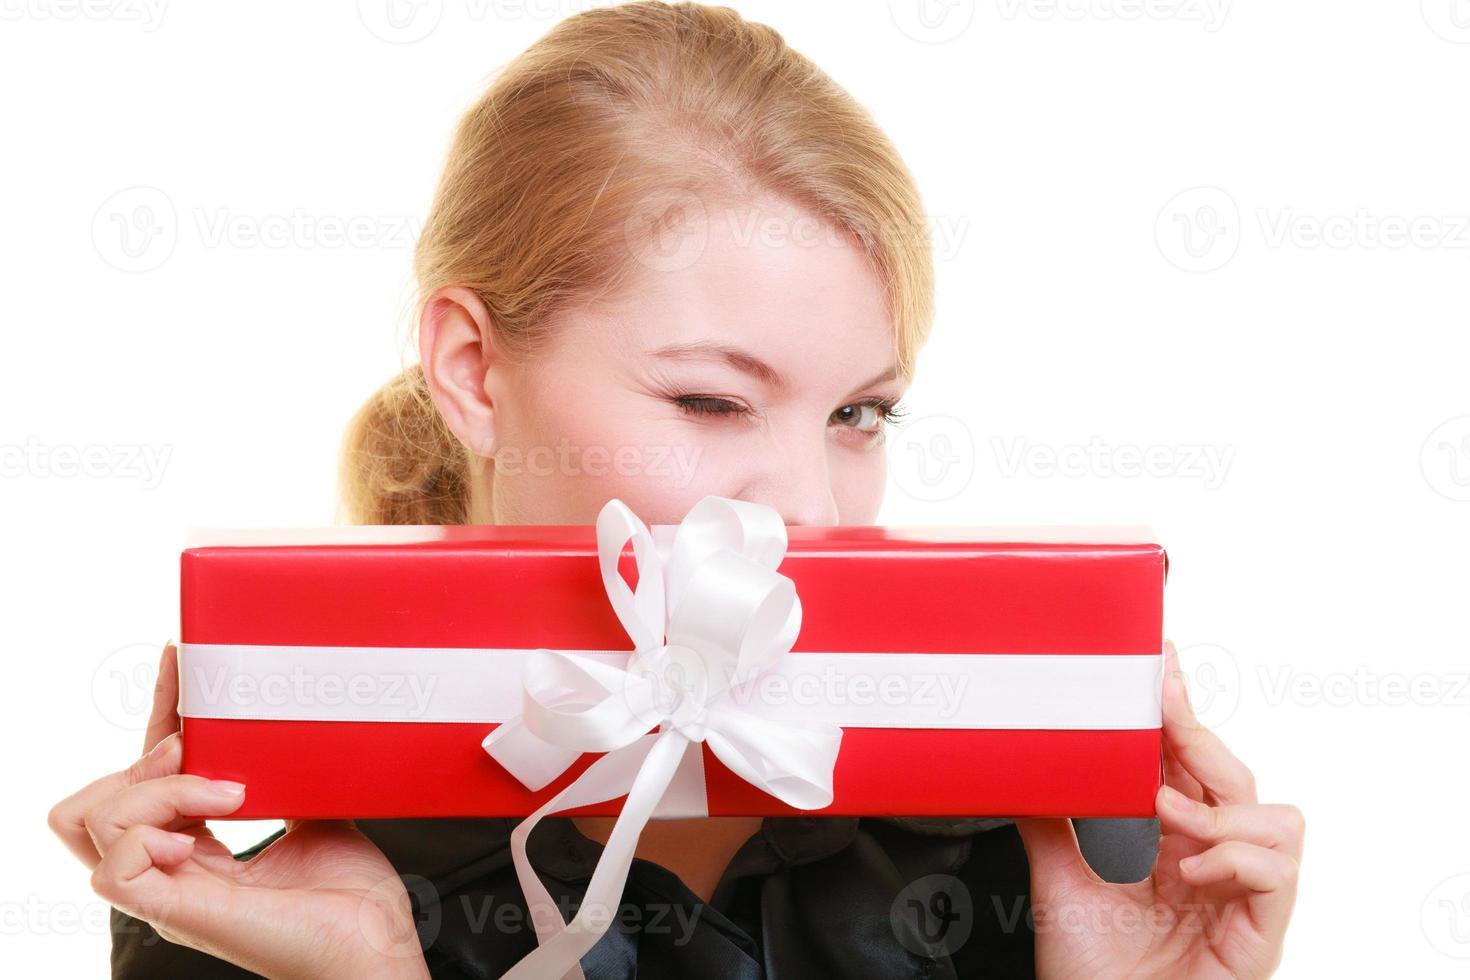 férias amam conceito de felicidade - menina com caixa de presente foto